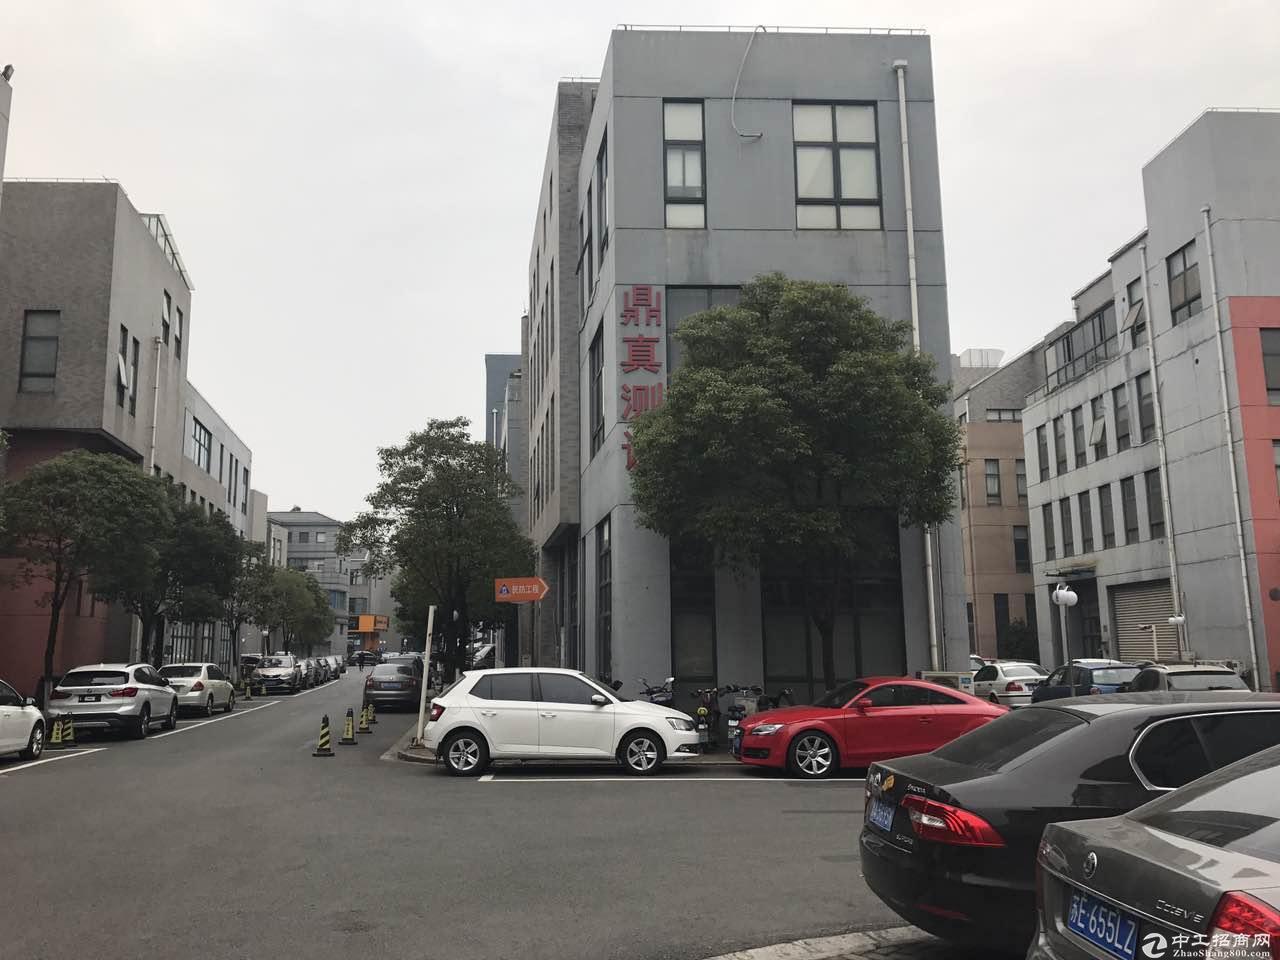 大众汽车产业园精装独栋办公贸易总部工业绿证诚售